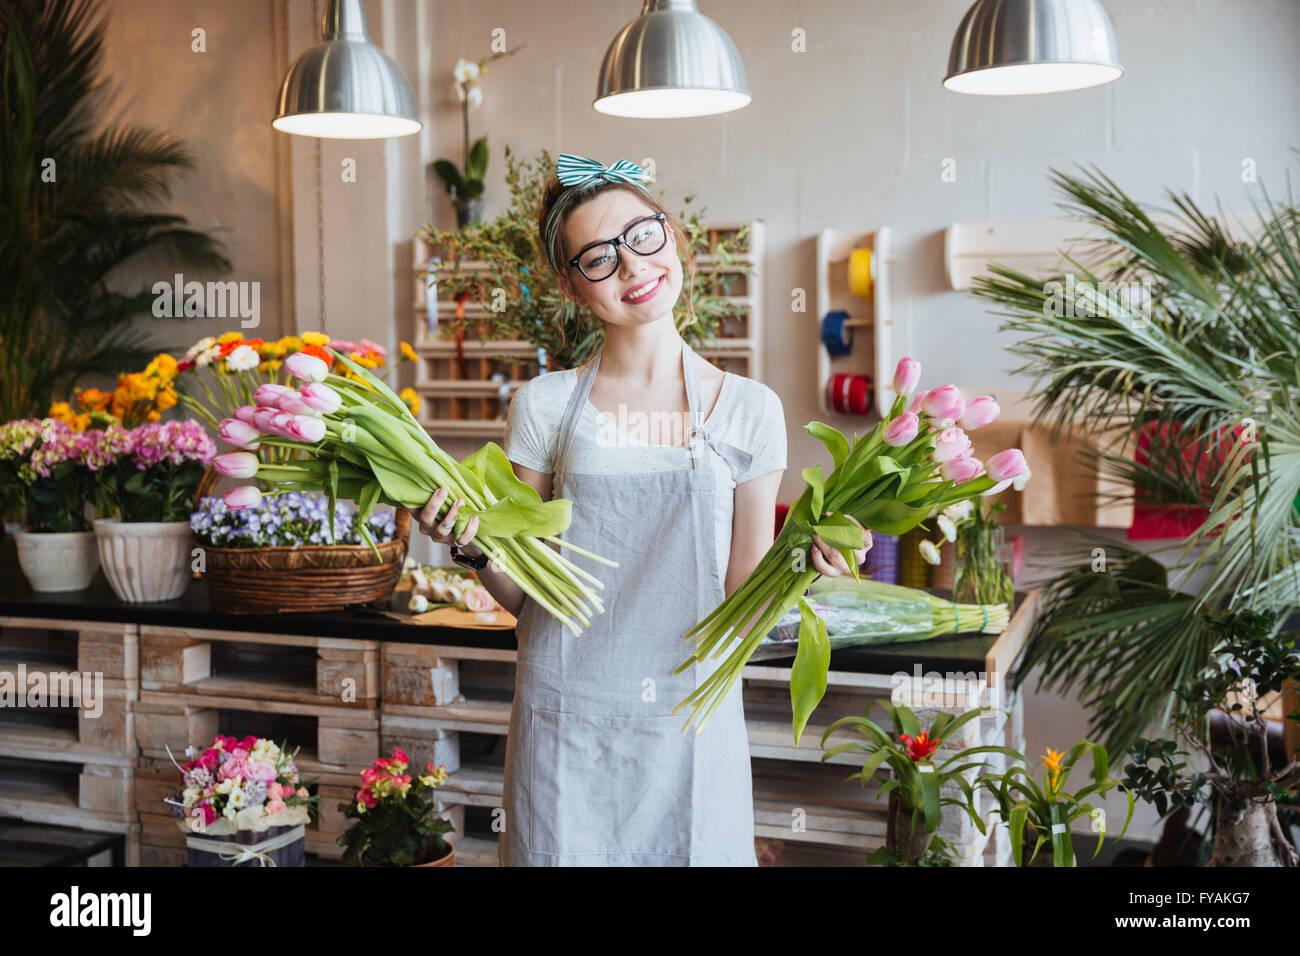 Allegro affascinante giovane donna fioraio e permanente tenendo due mazzi di tulipani rosa nel negozio di fiori Immagini Stock